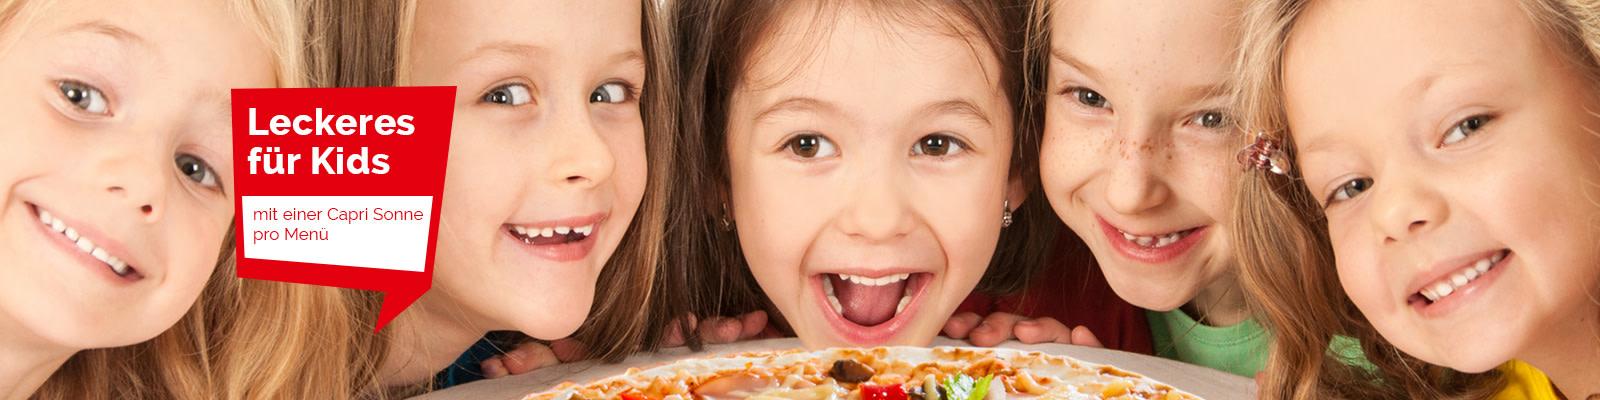 Pizza Planet Warengruppenbild